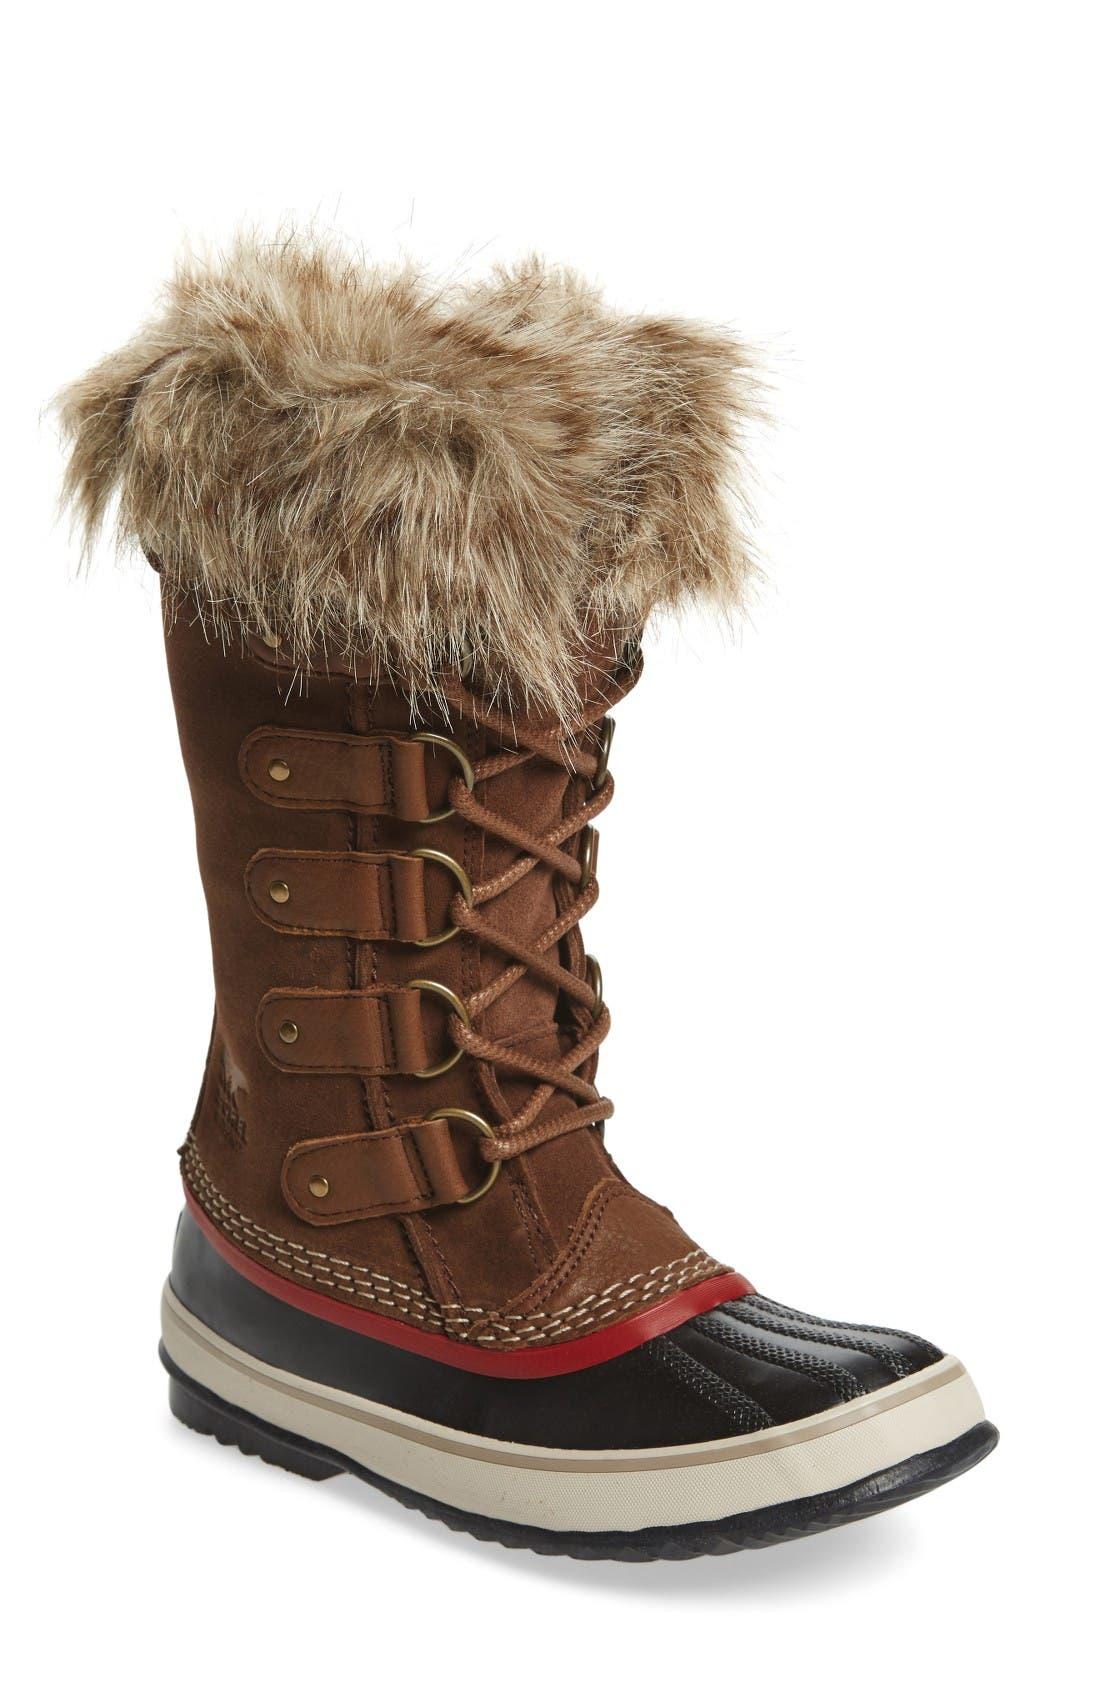 Sorel Joan Of Arctic Waterproof Snow Boot Nordstrom